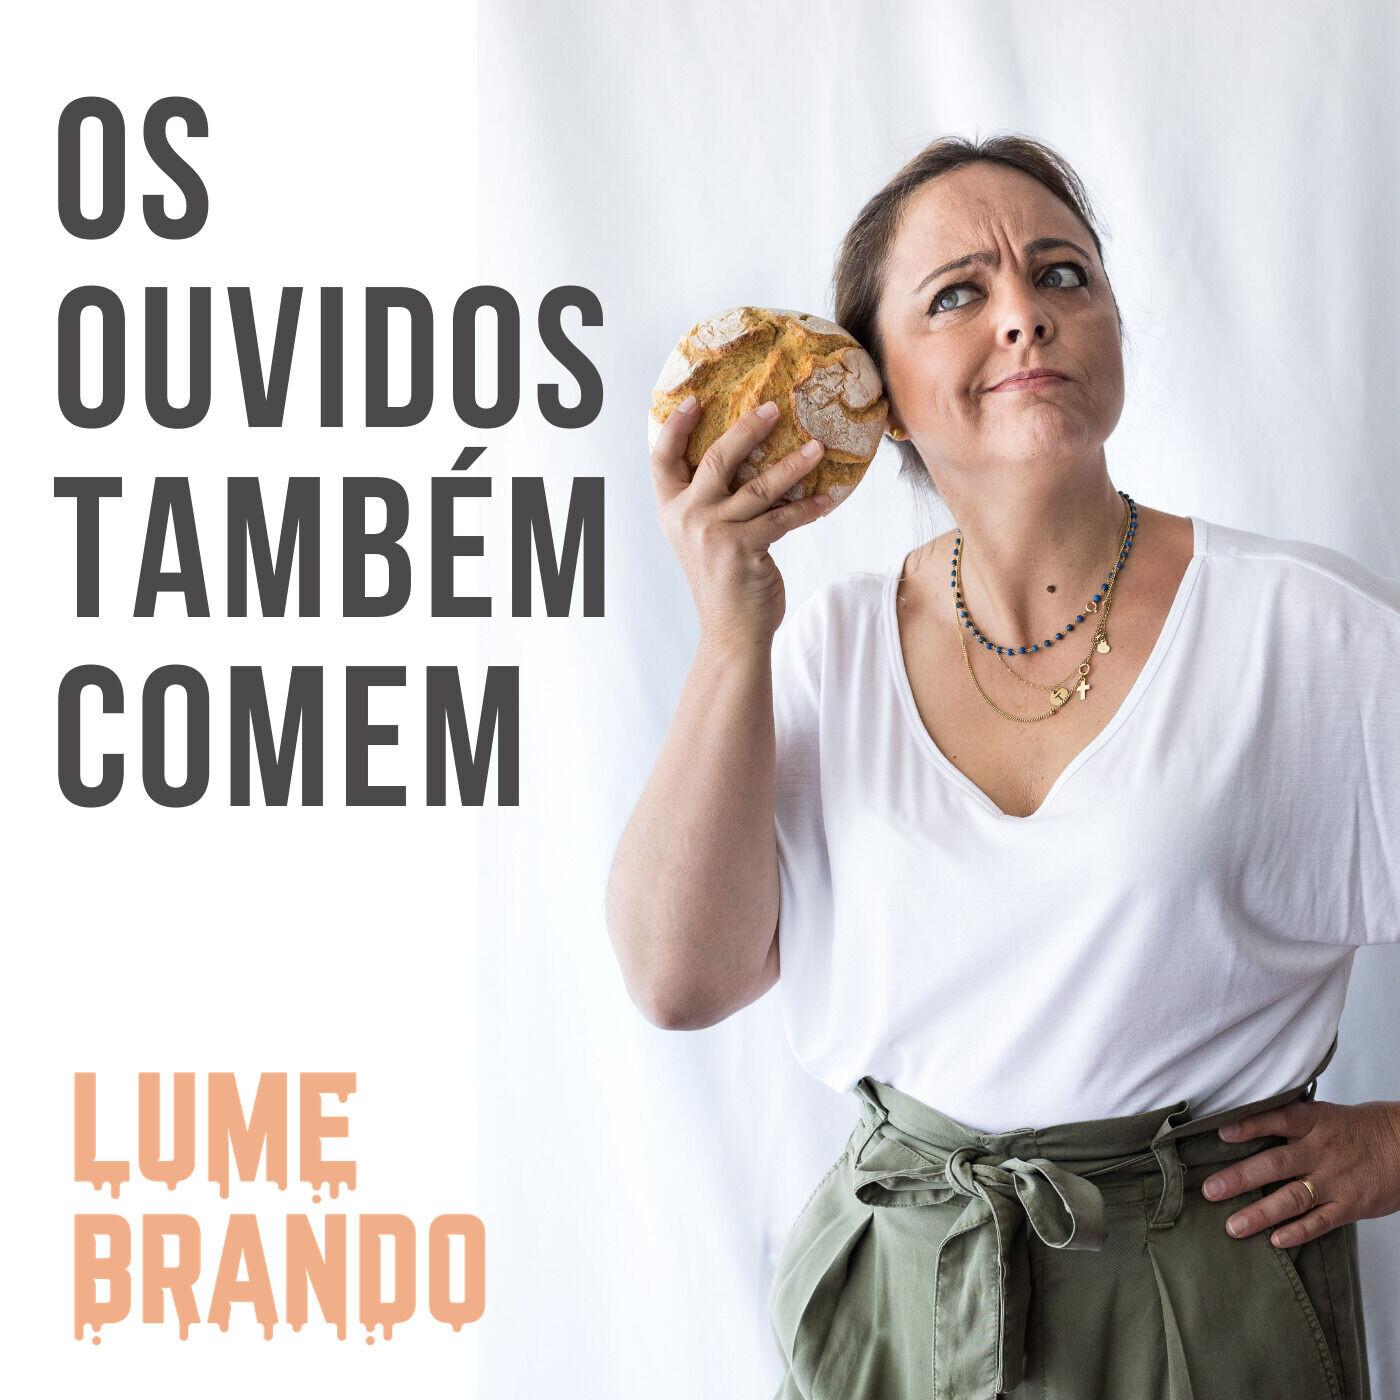 Ep. 5 - Conversa com o chef de pastelaria João Correia